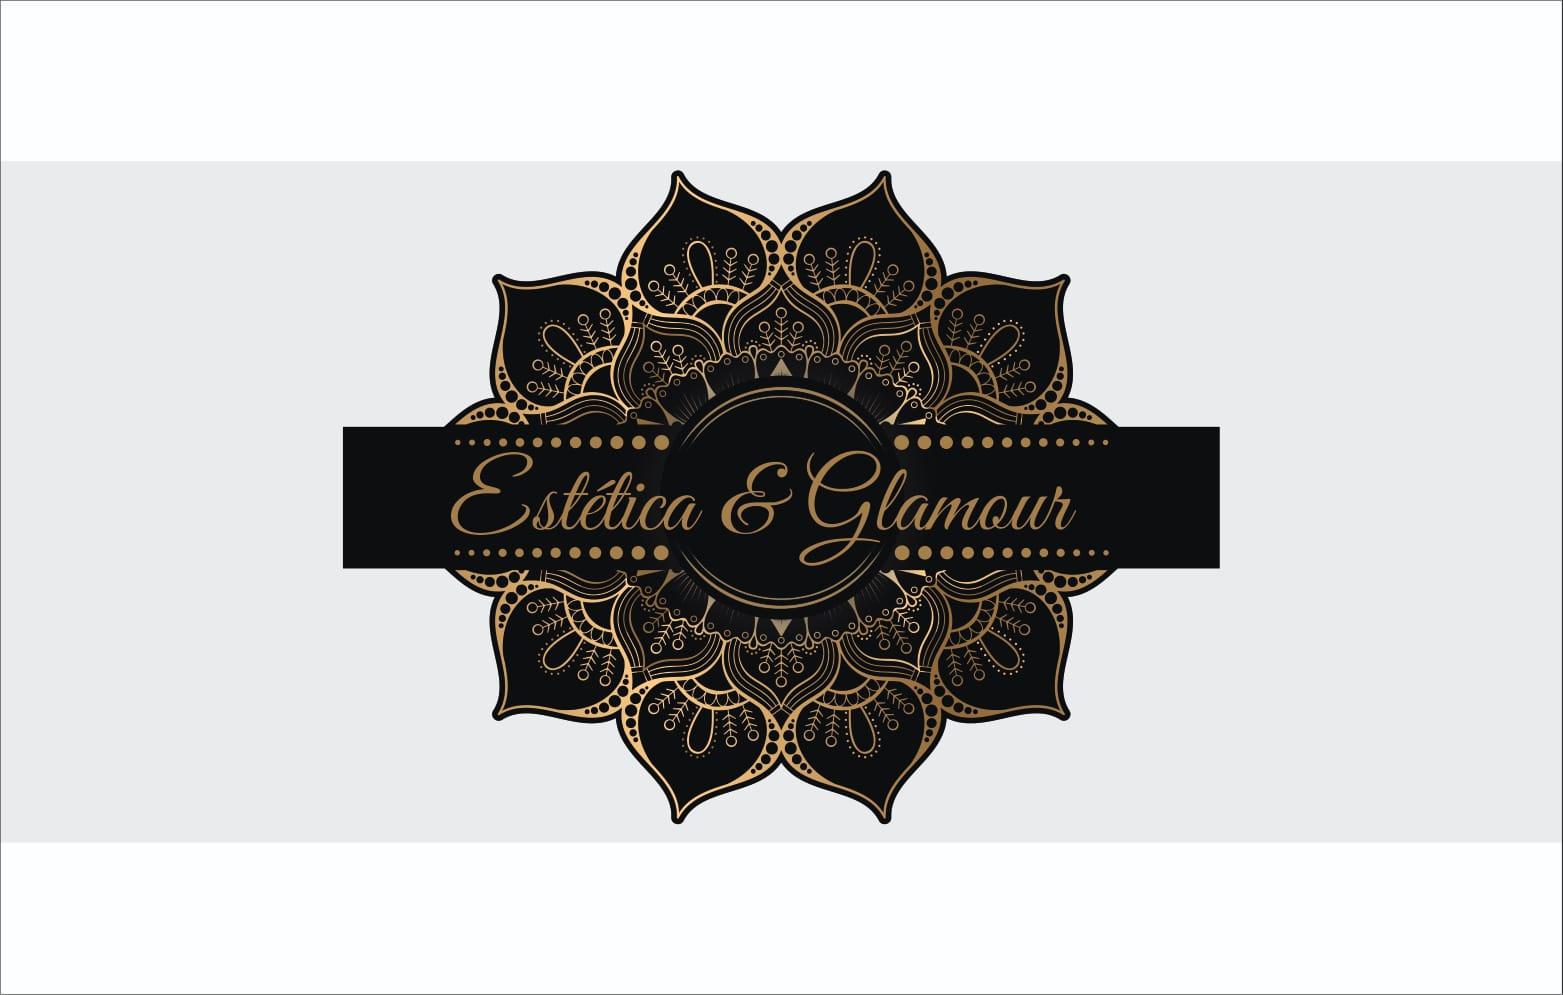 Estética & Glamour - Empresa de tratamentos e cuidados corporais